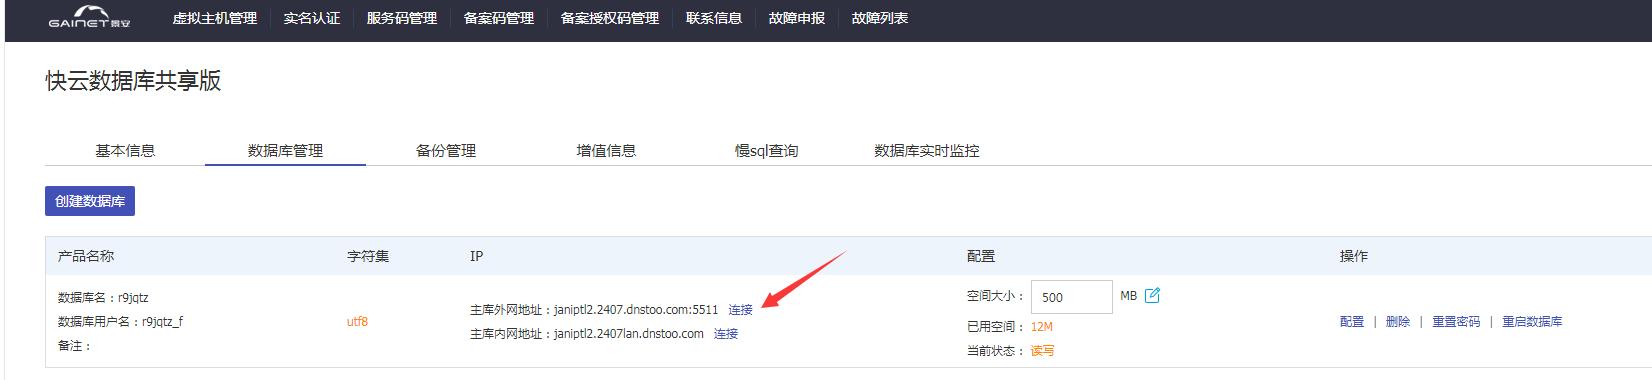 仙杰笔记 景安虚拟主机服务空间怎么迁入网站  建站笔记 164752fx6nazkl9qppbq9r